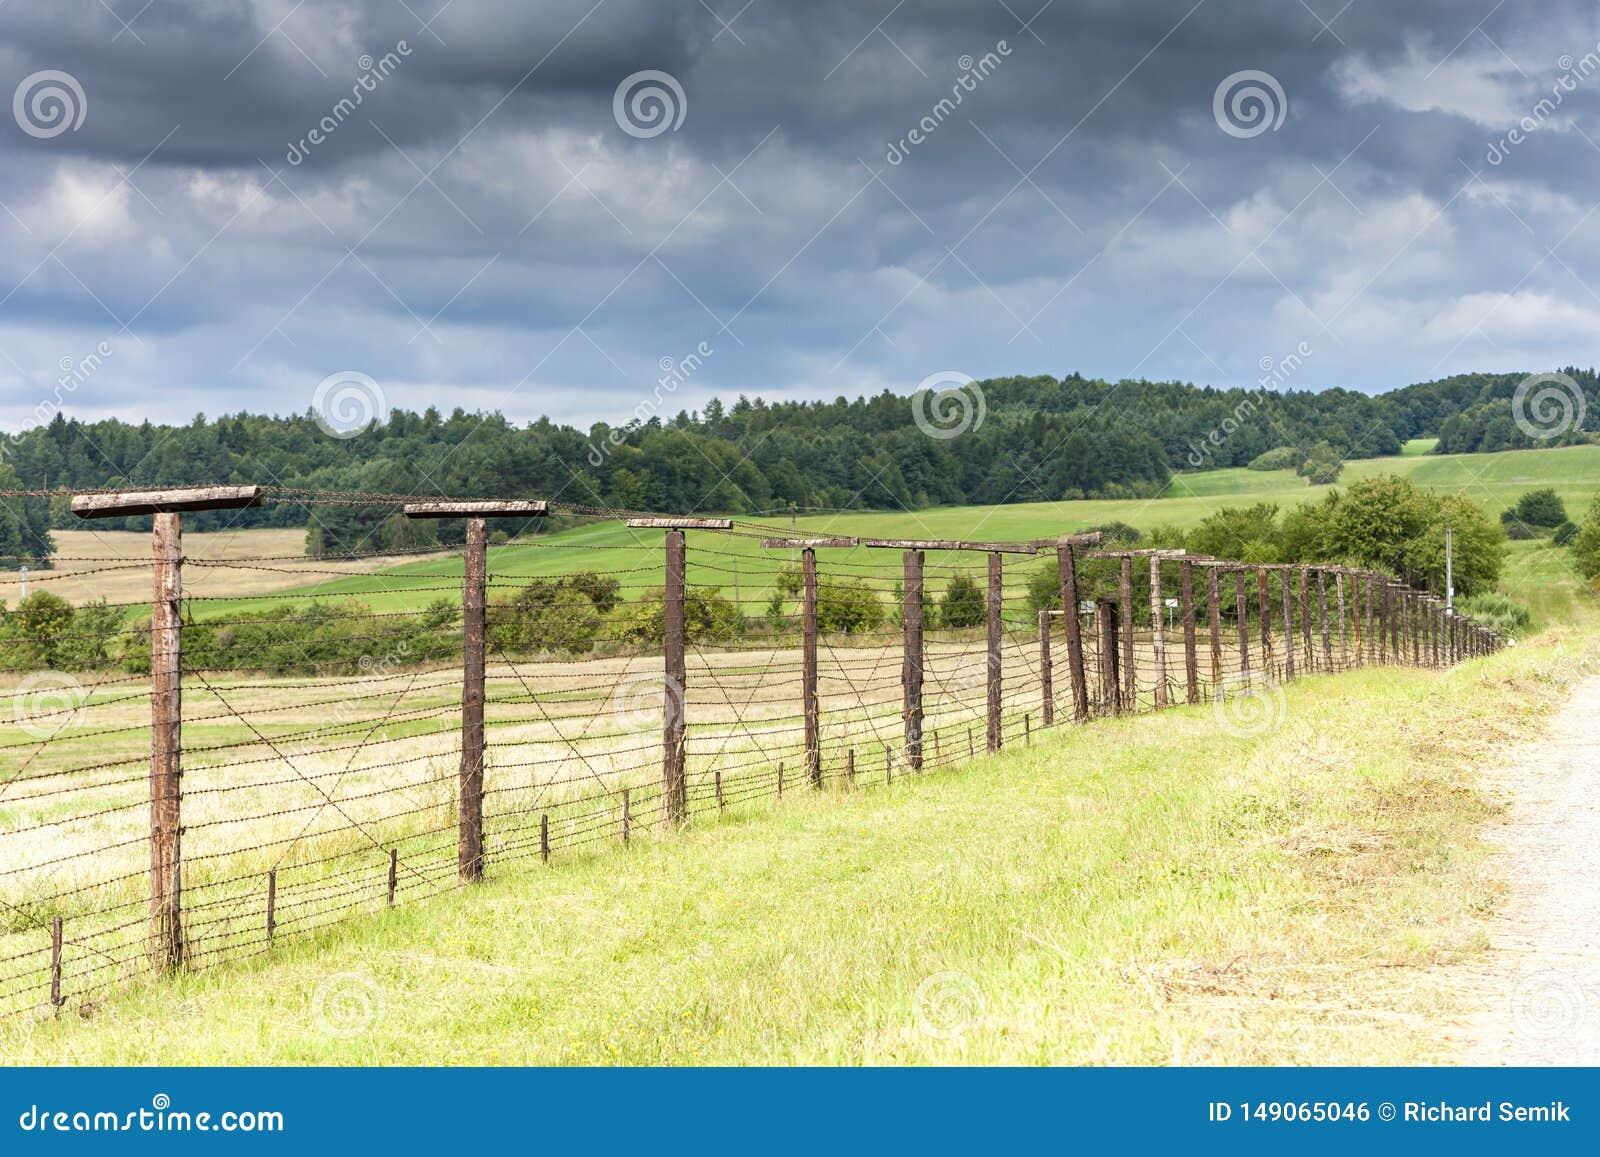 Restos del telón de acero, Cizov, República Checa